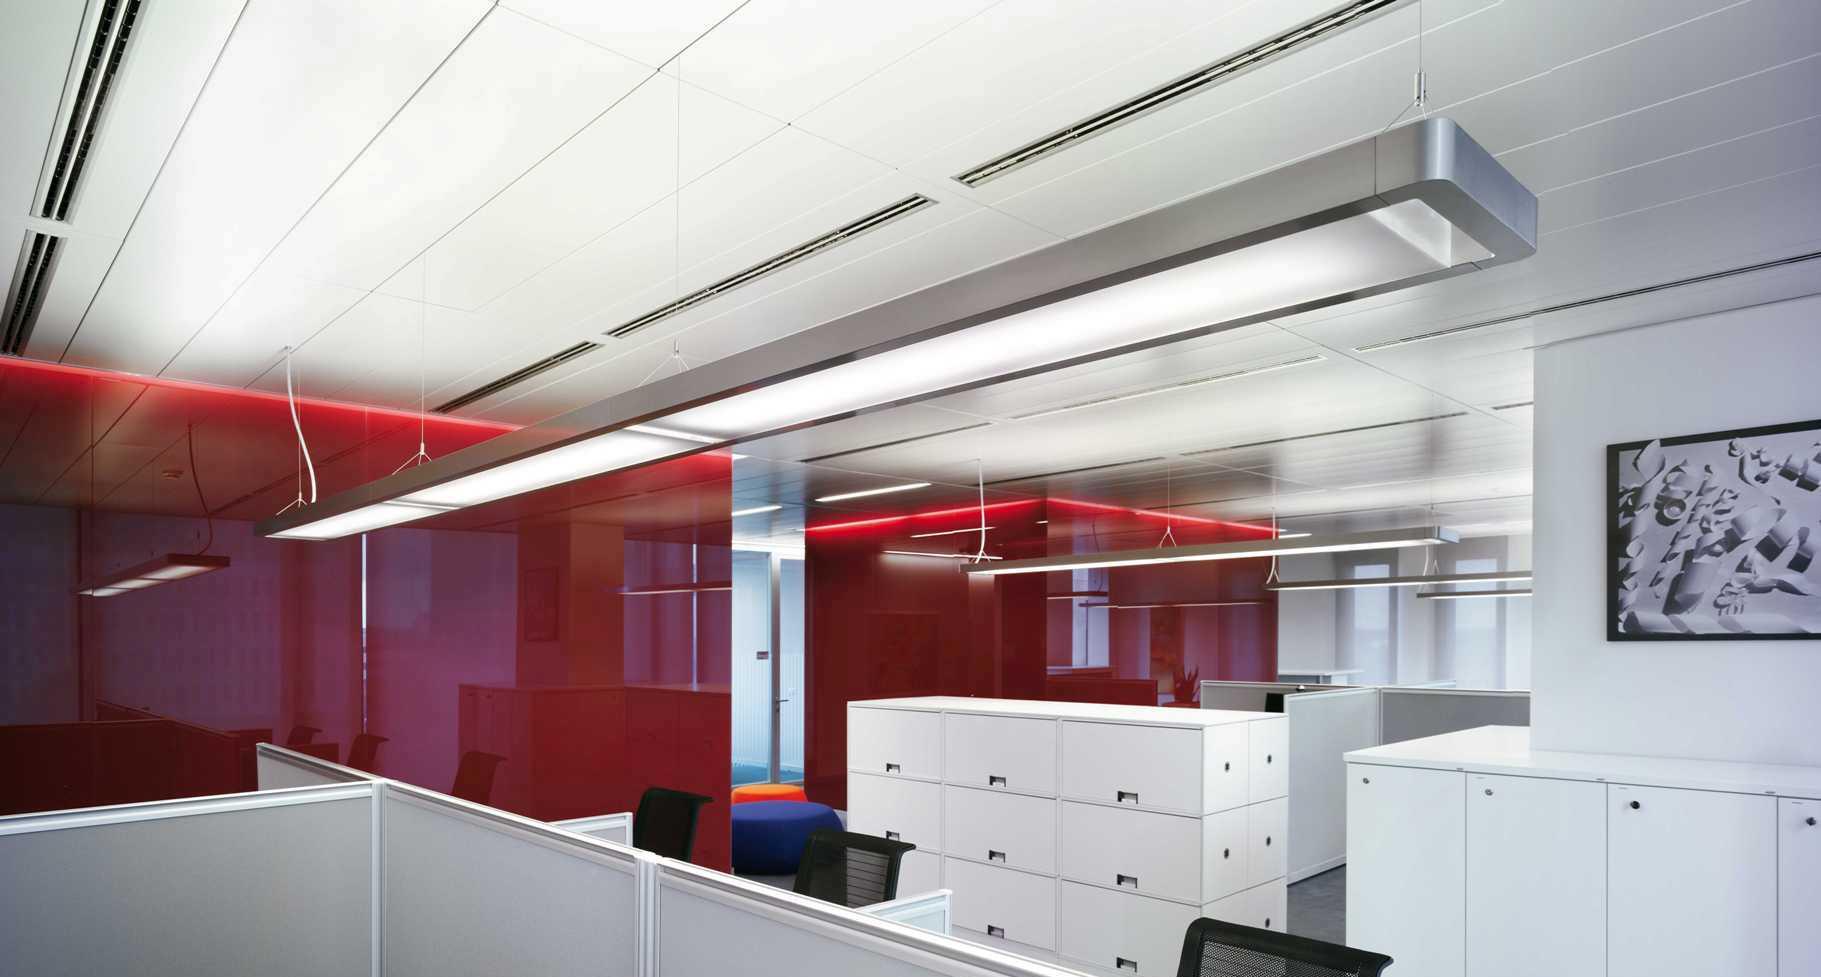 Proyectos de iluminaci n profesional espaciobetty madrid - Lamparas de diseno madrid ...